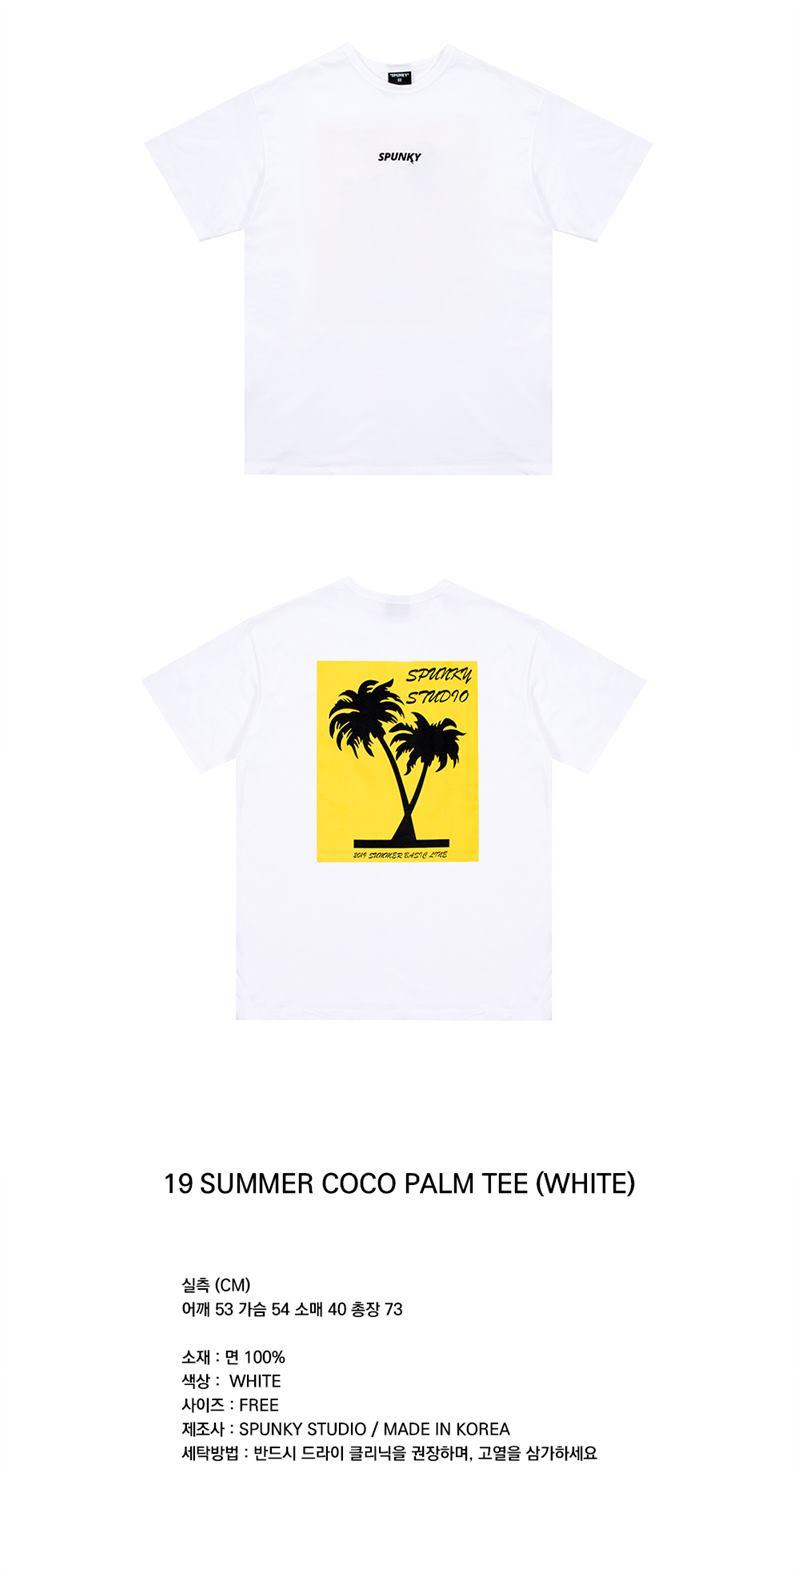 스펑키(SPUNKY) 19 여름 코코팜 티 (화이트)